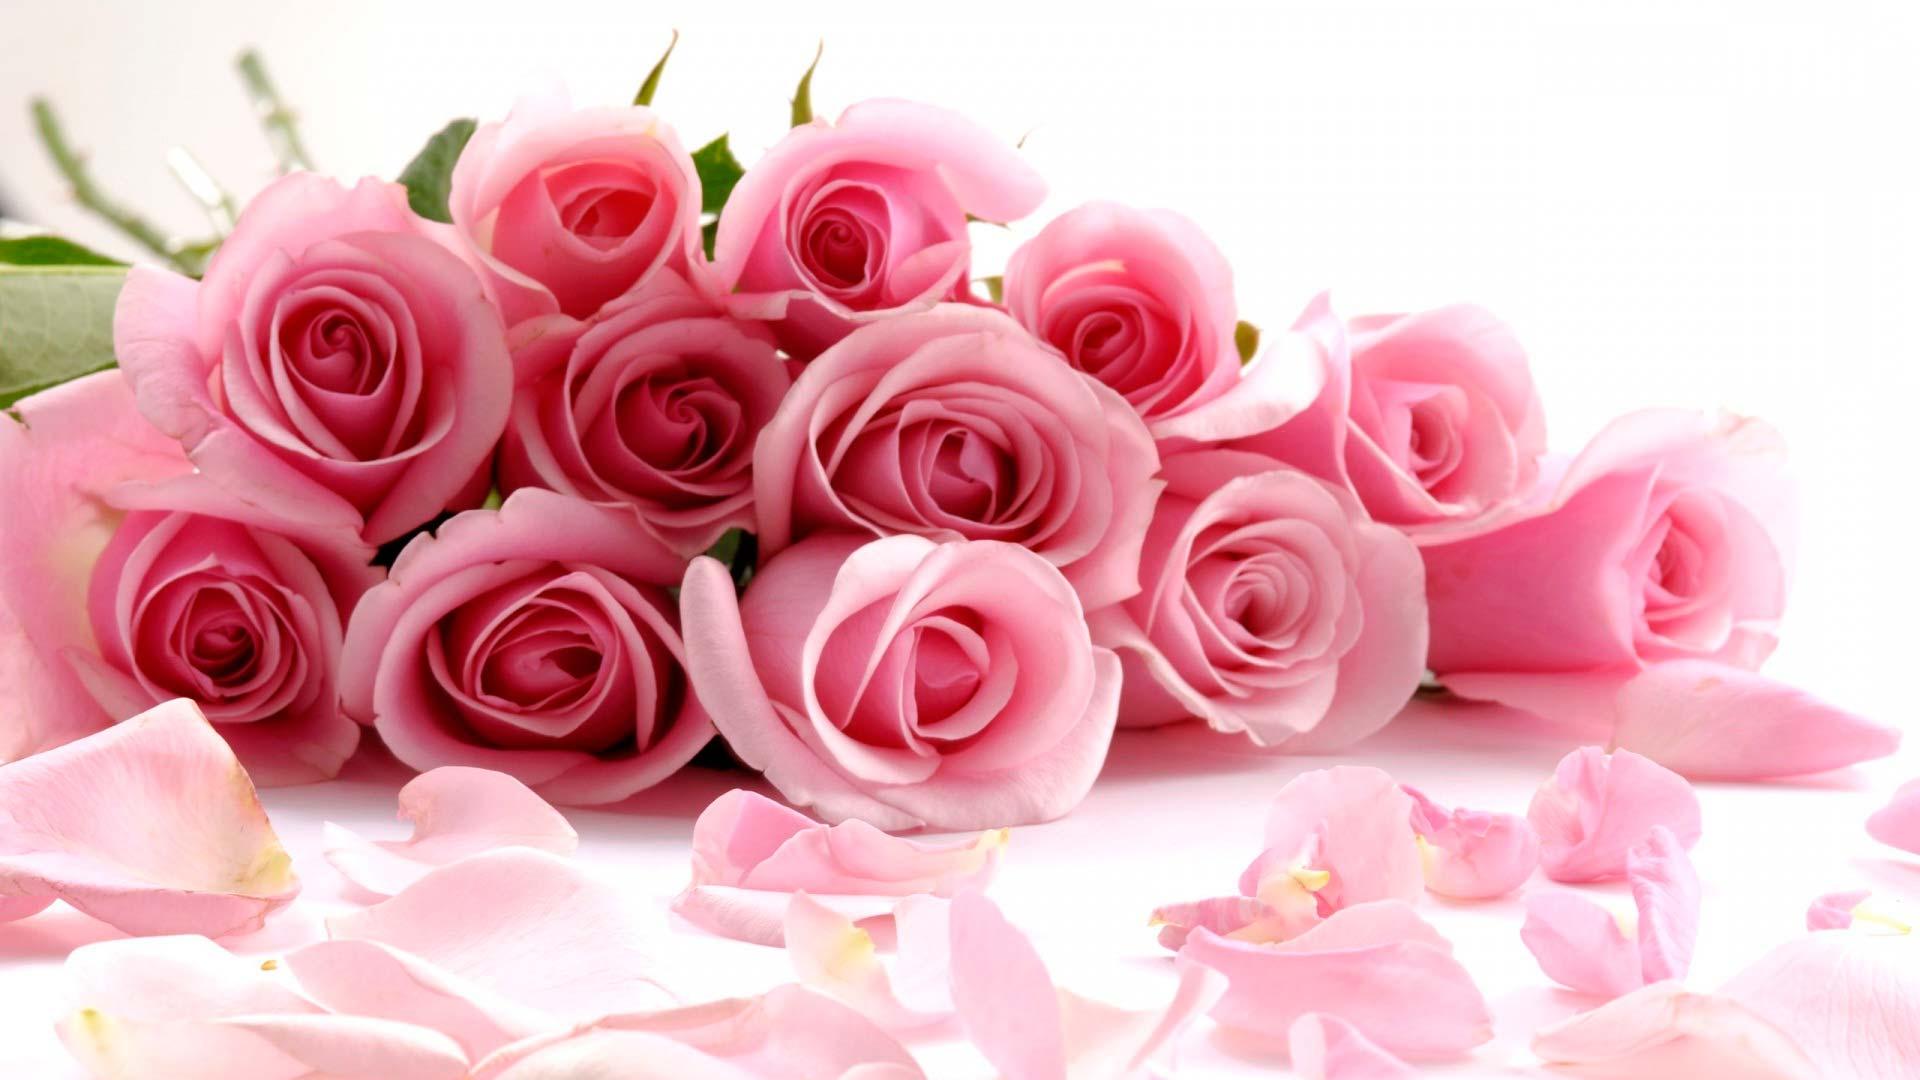 Обои розы с лепестками розовые розы